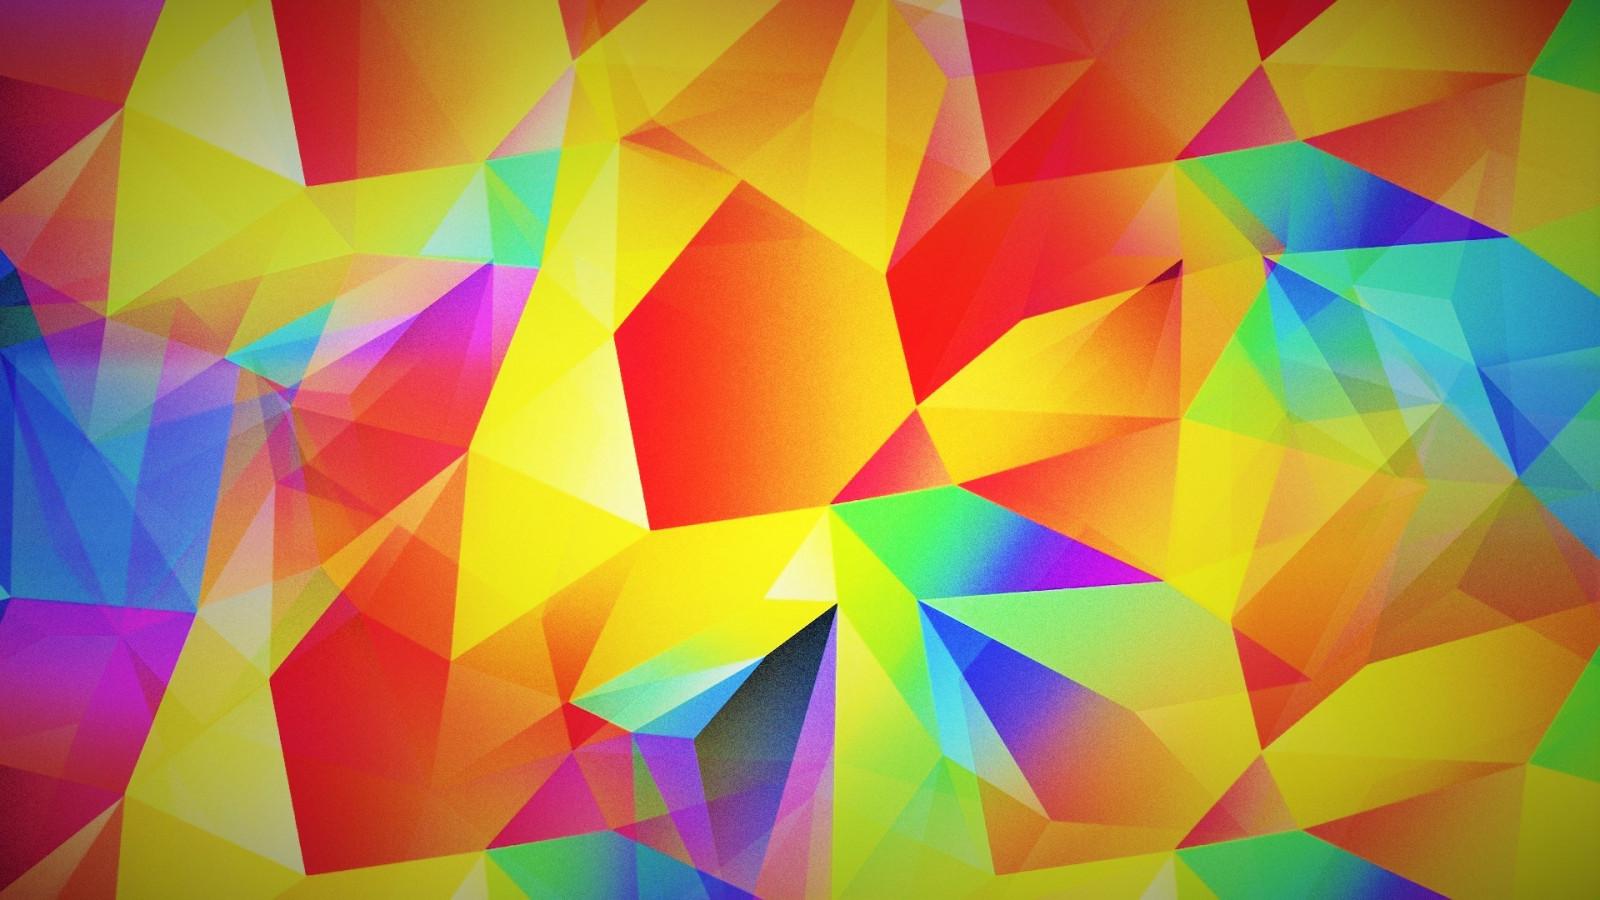 fond d u0026 39  u00e9cran   color u00e9  abstrait  rouge  violet  sym u00e9trie  jaune  bleu  triangle  mod u00e8le  orange